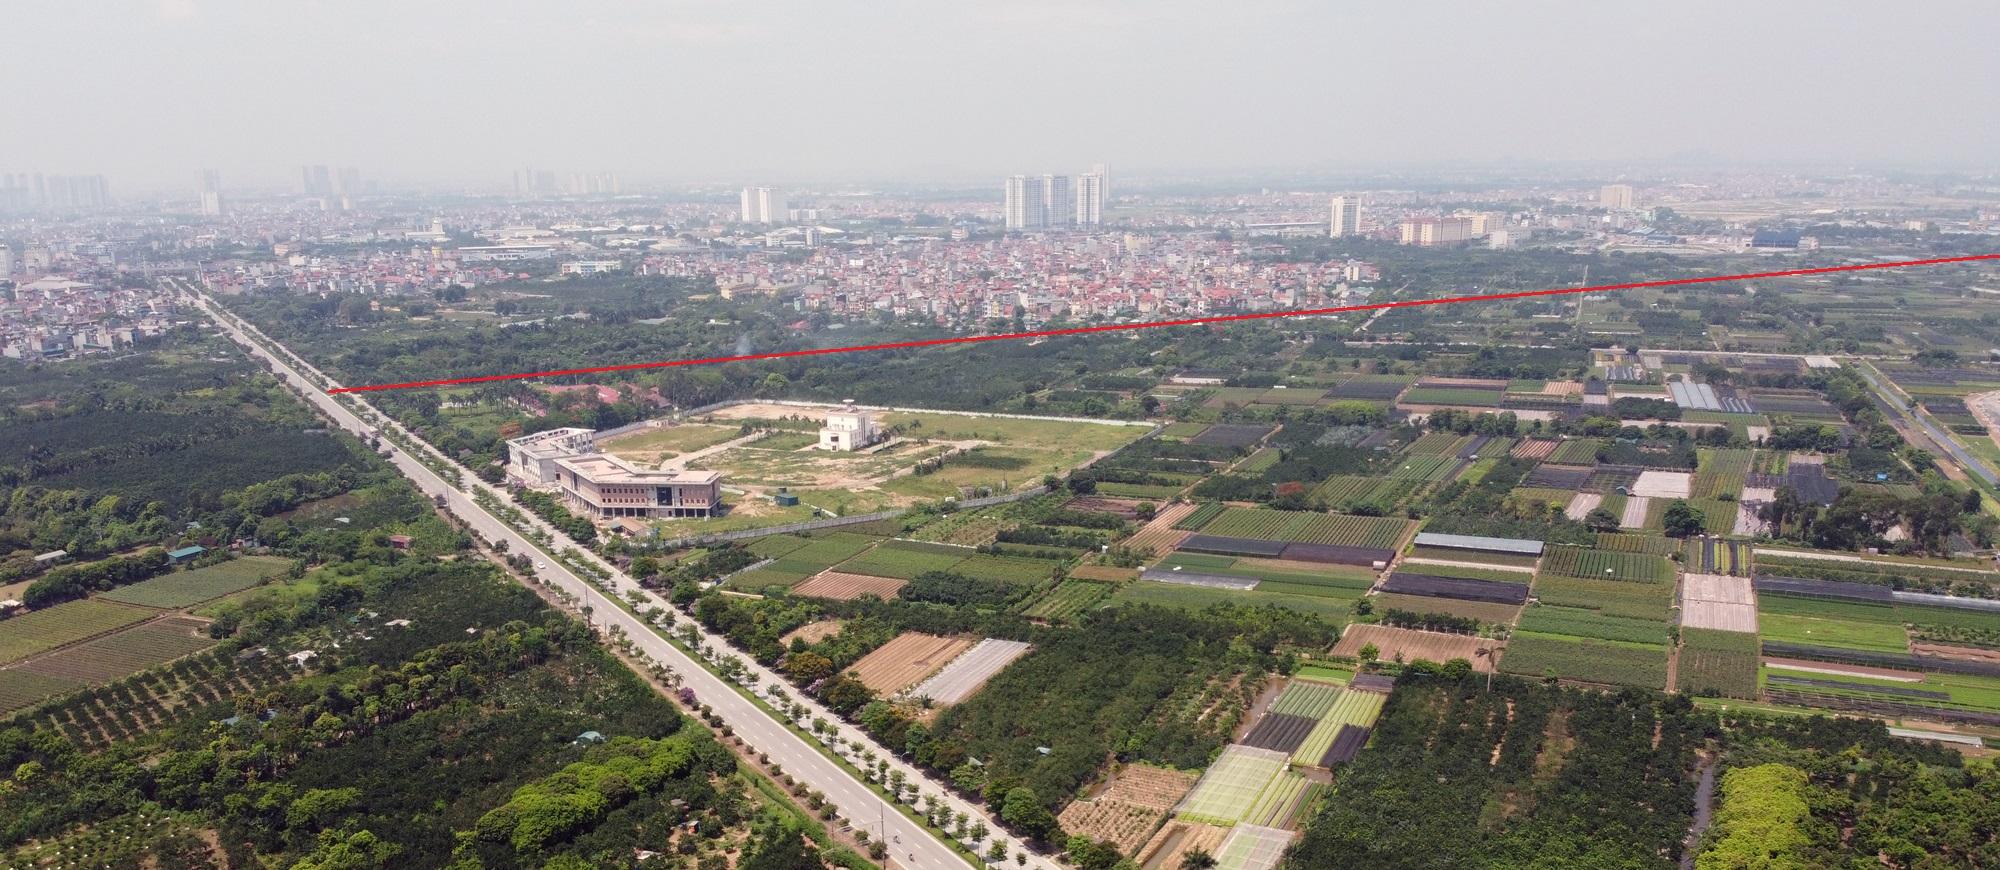 4 đường sẽ mở theo qui hoạch ở phường Tây Tựu, Bắc Từ Liêm - Ảnh 18.